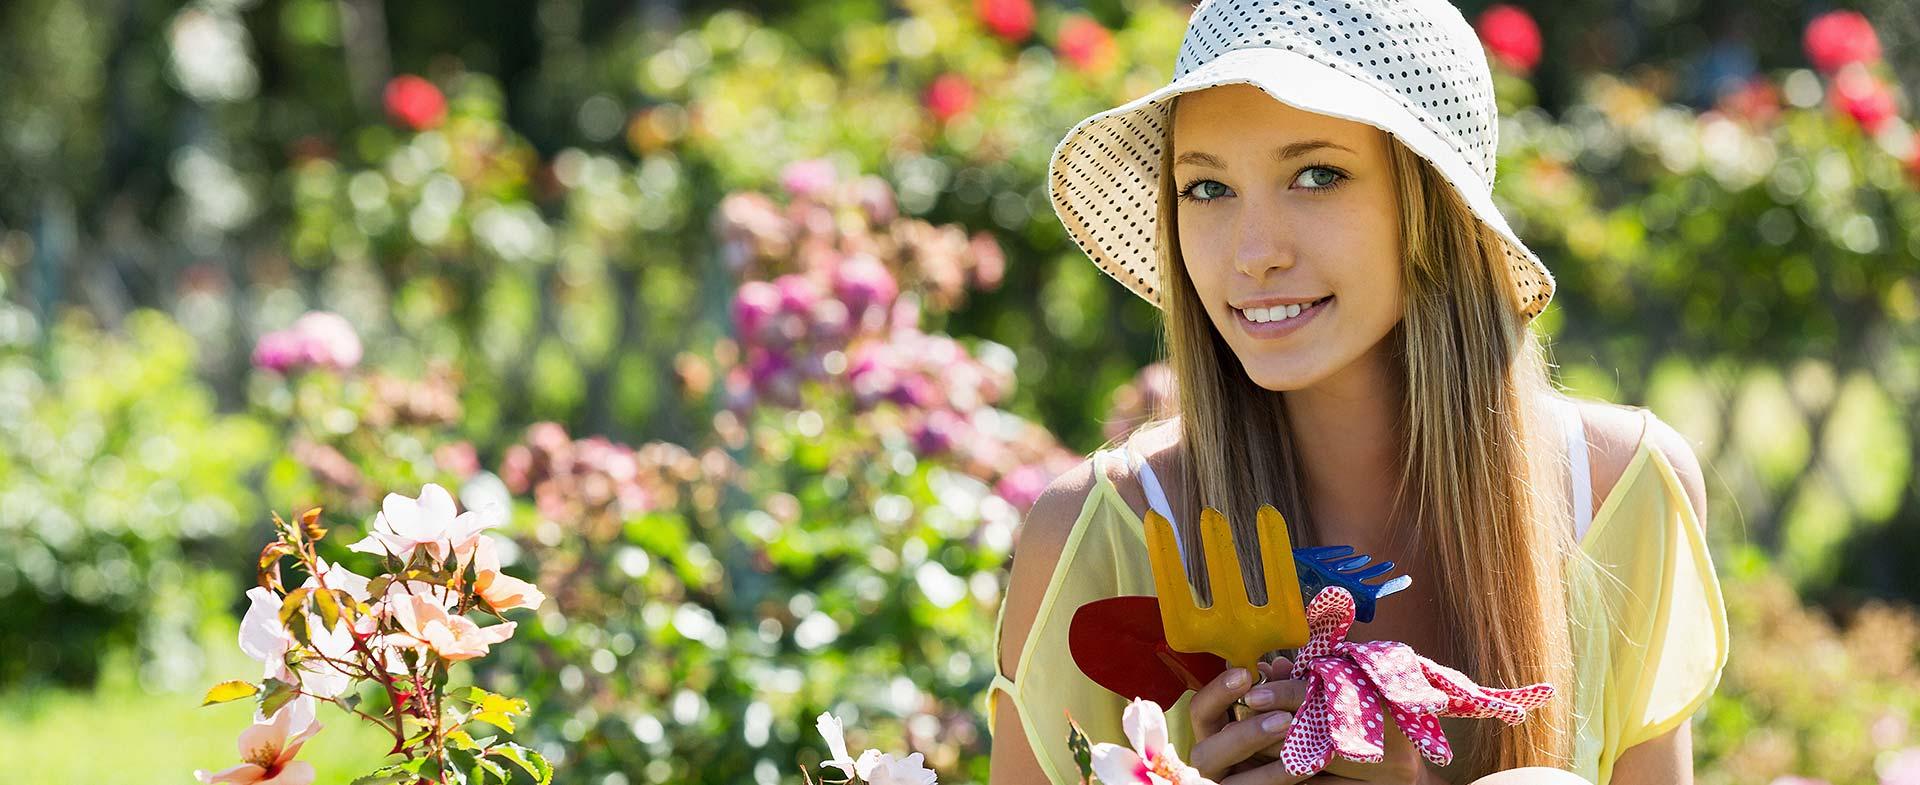 Gardeners Gidea Park